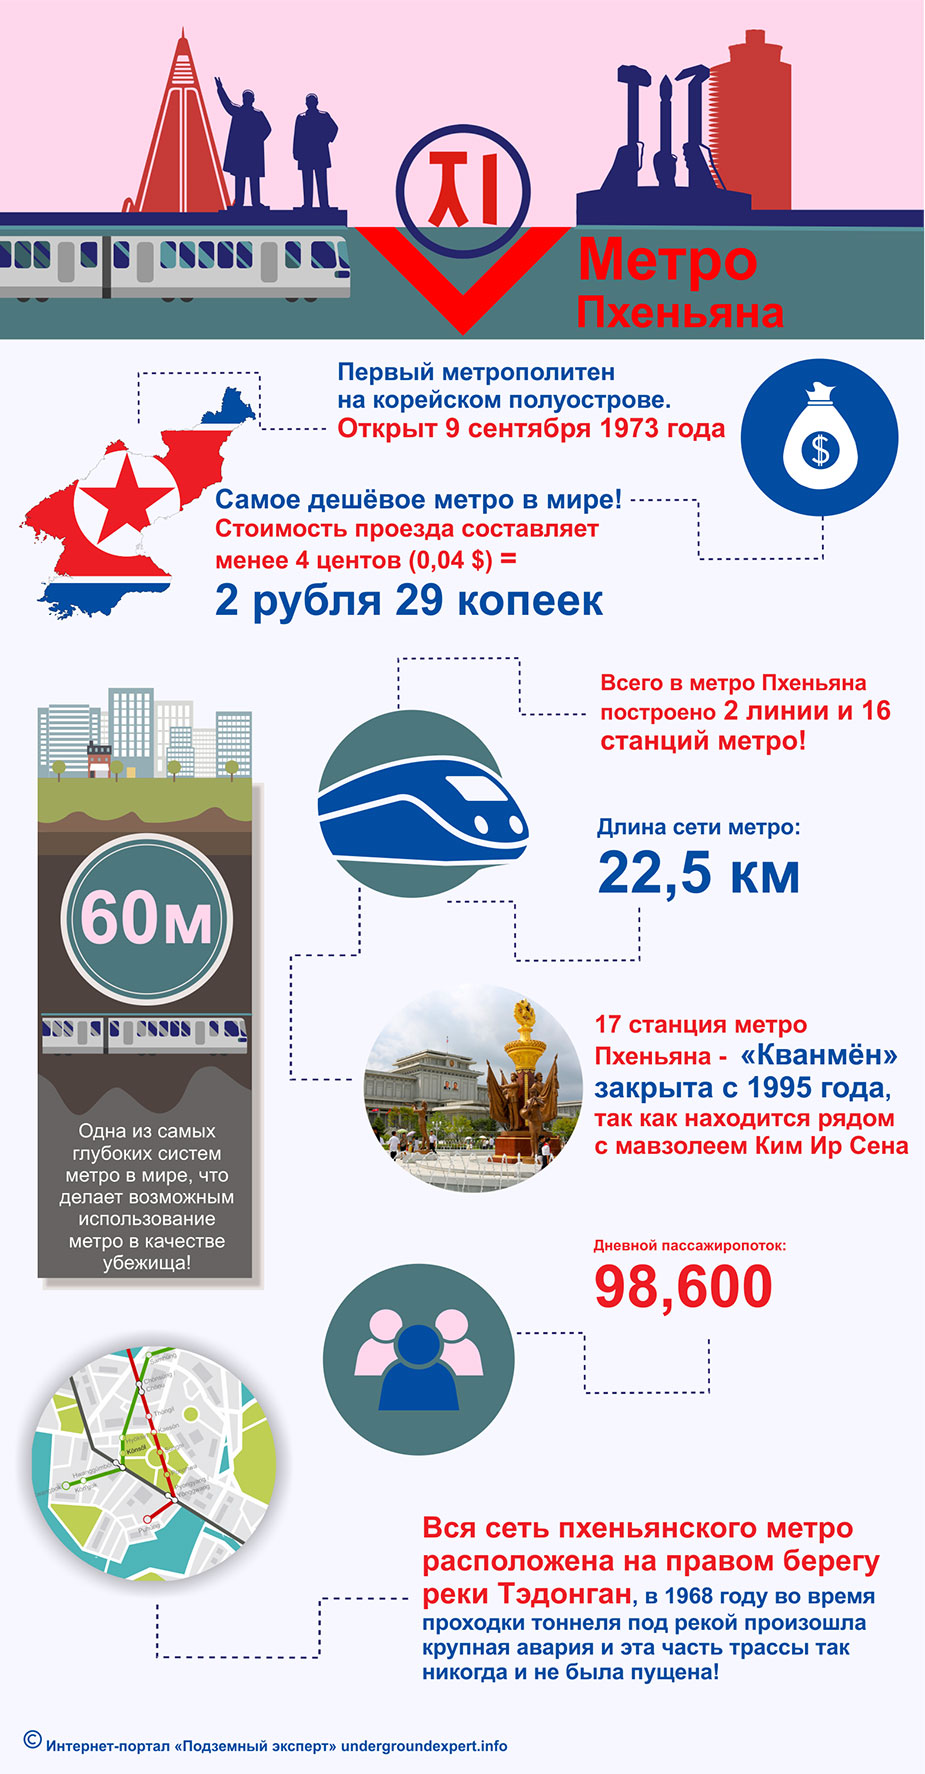 Инфографика метро Пхеньяна